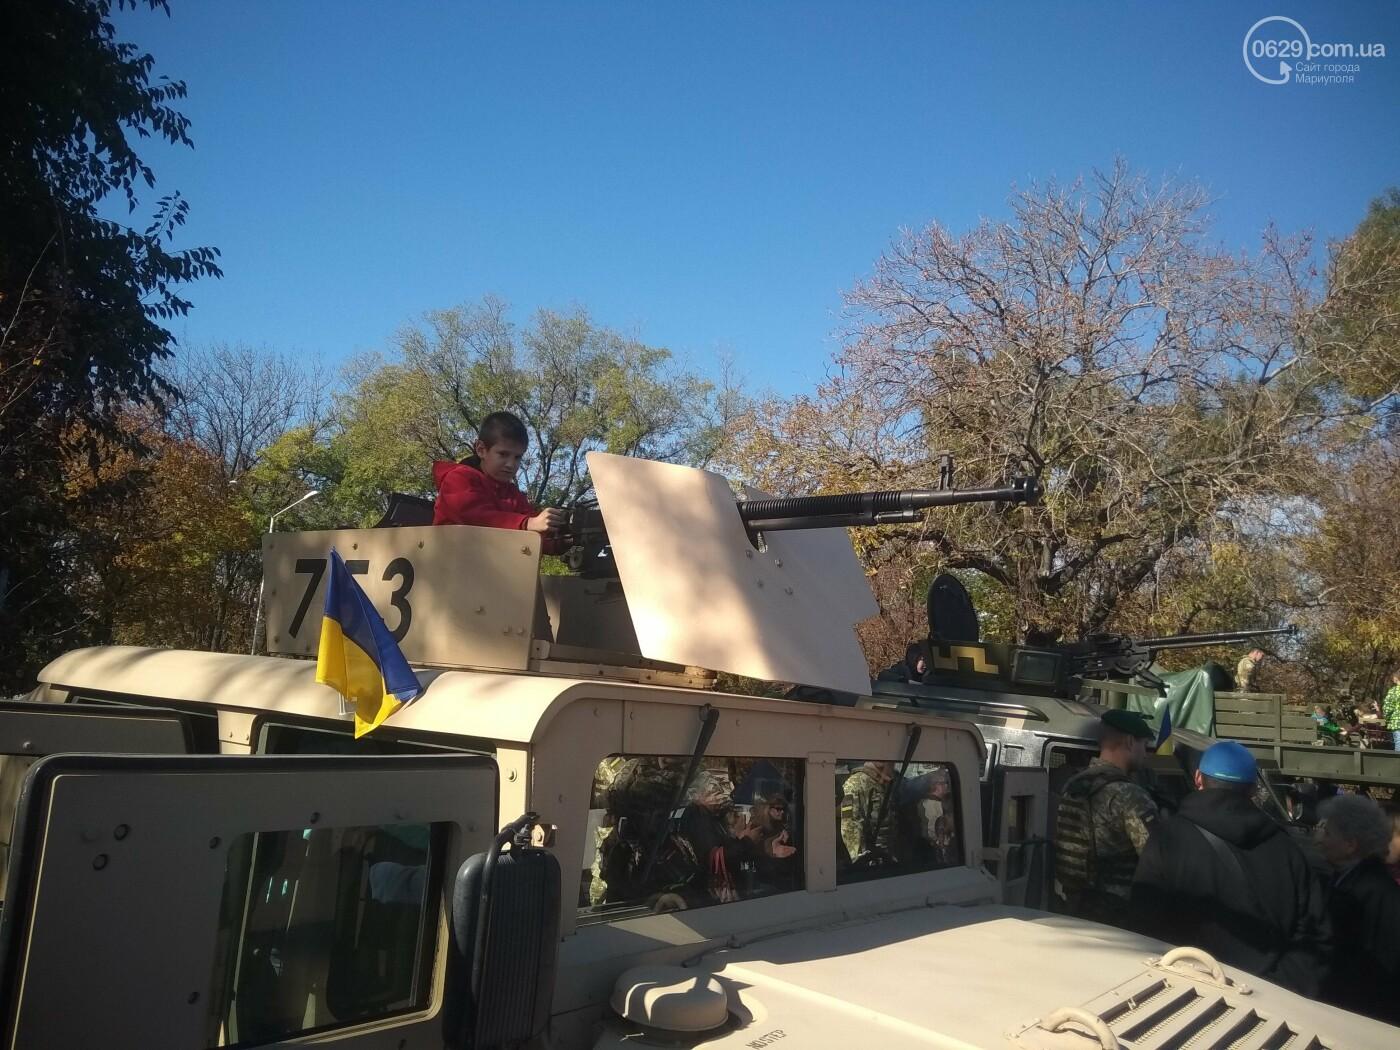 Мариупольцы празднуют День защитника Украины, - ФОТОРЕПОРТАЖ , фото-1